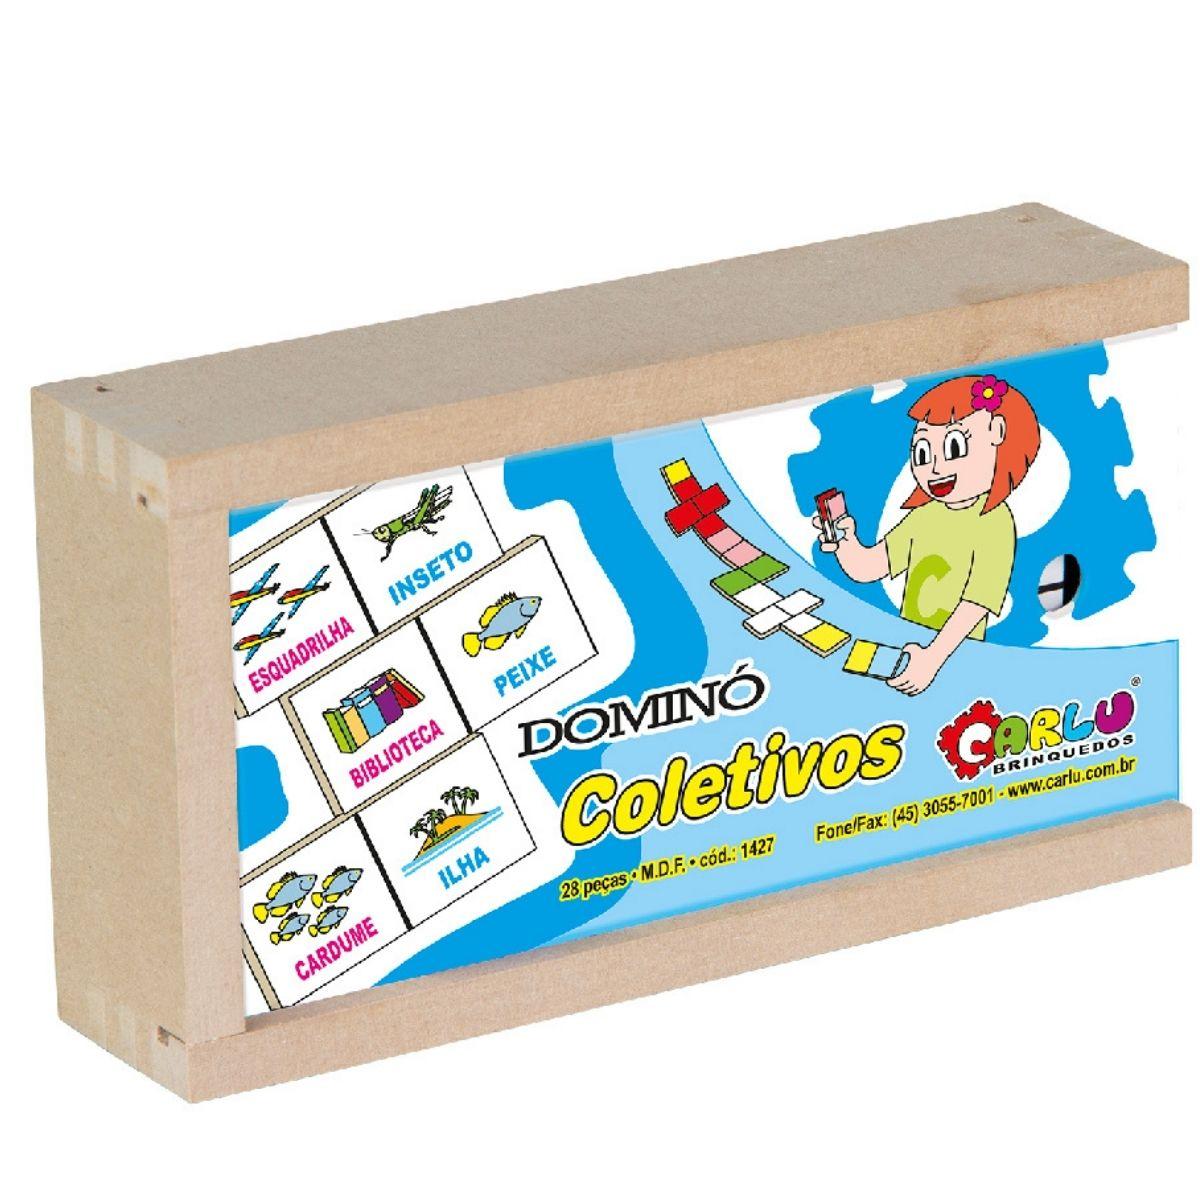 Brinquedo Pedagógico Dominó Coletivos MDF - 28 peças